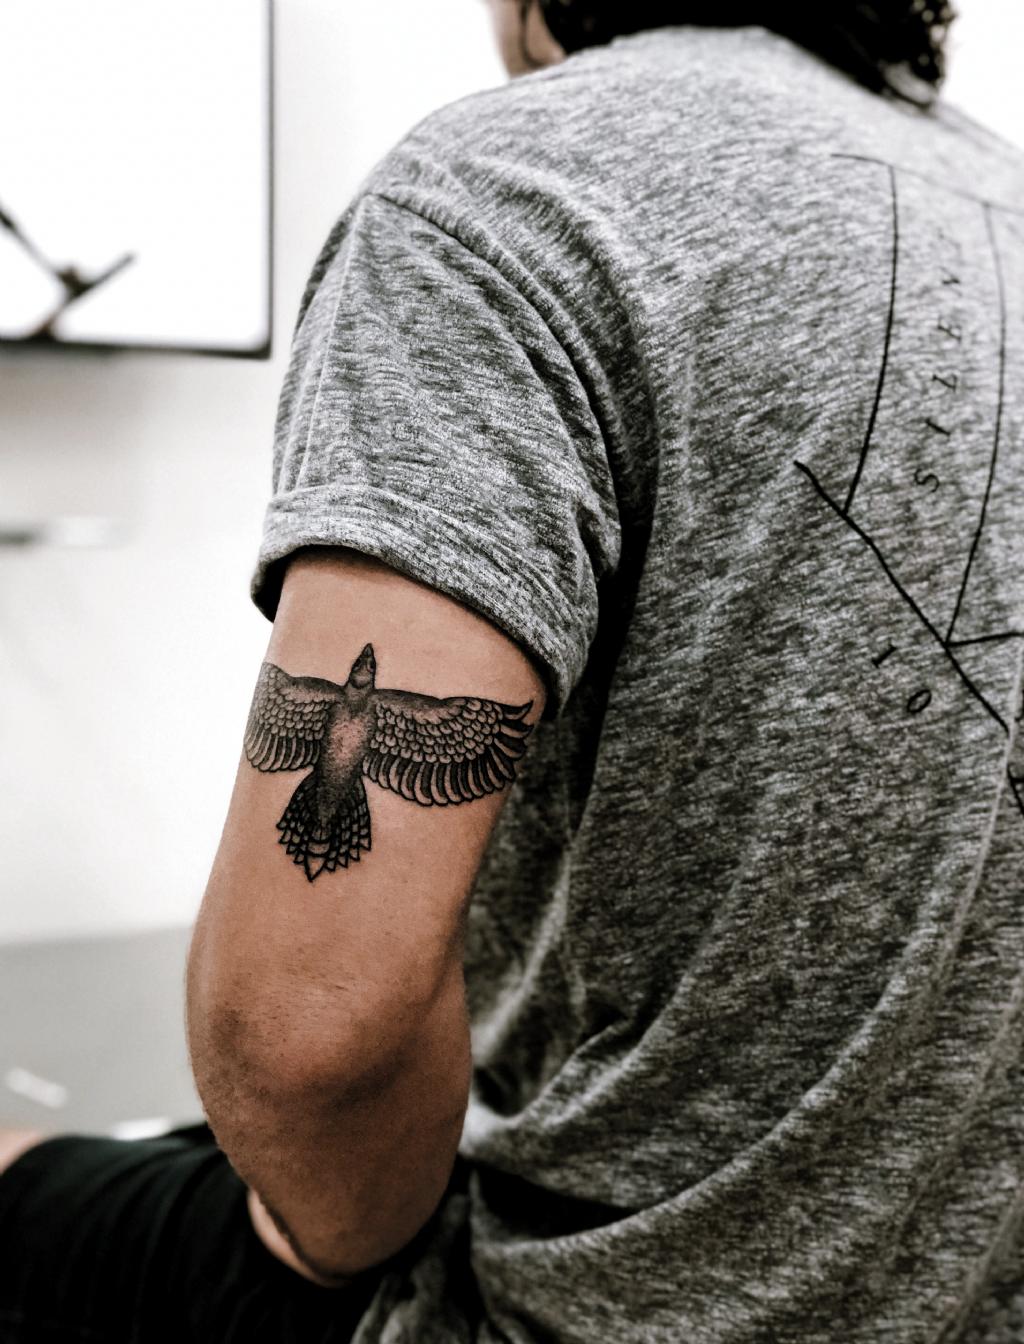 Tricep Tattoo Eagle Tattoo Arm Tattoo Tricep Tattoos Eagle Tattoo Arm Tattoo